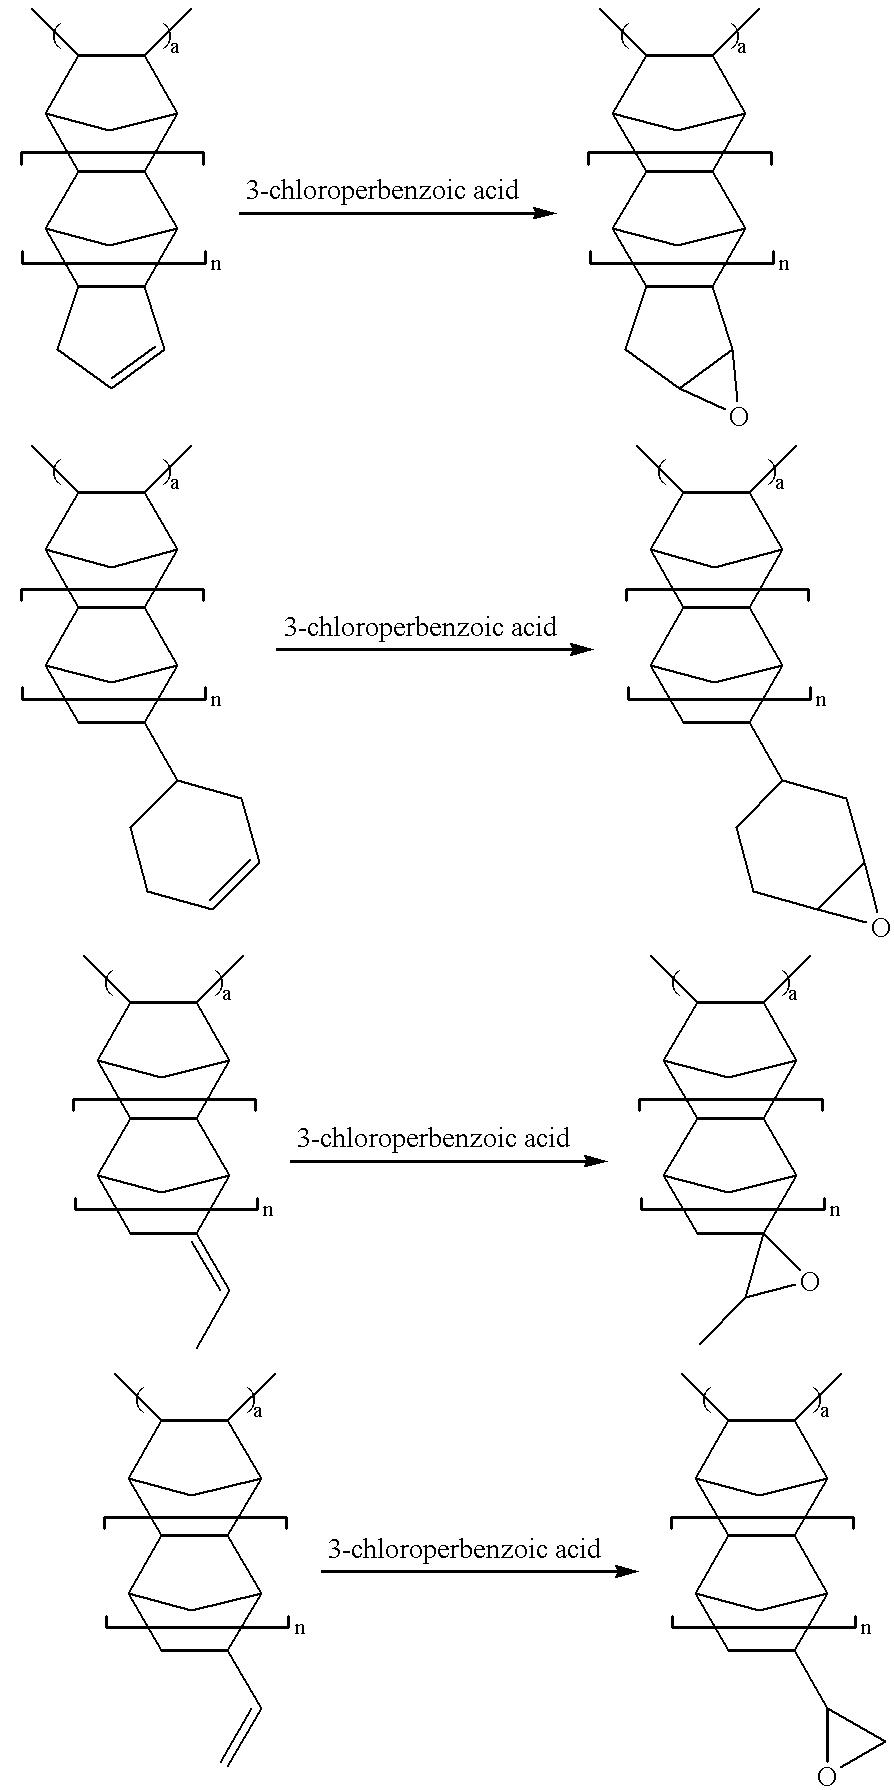 Figure US06294616-20010925-C00018